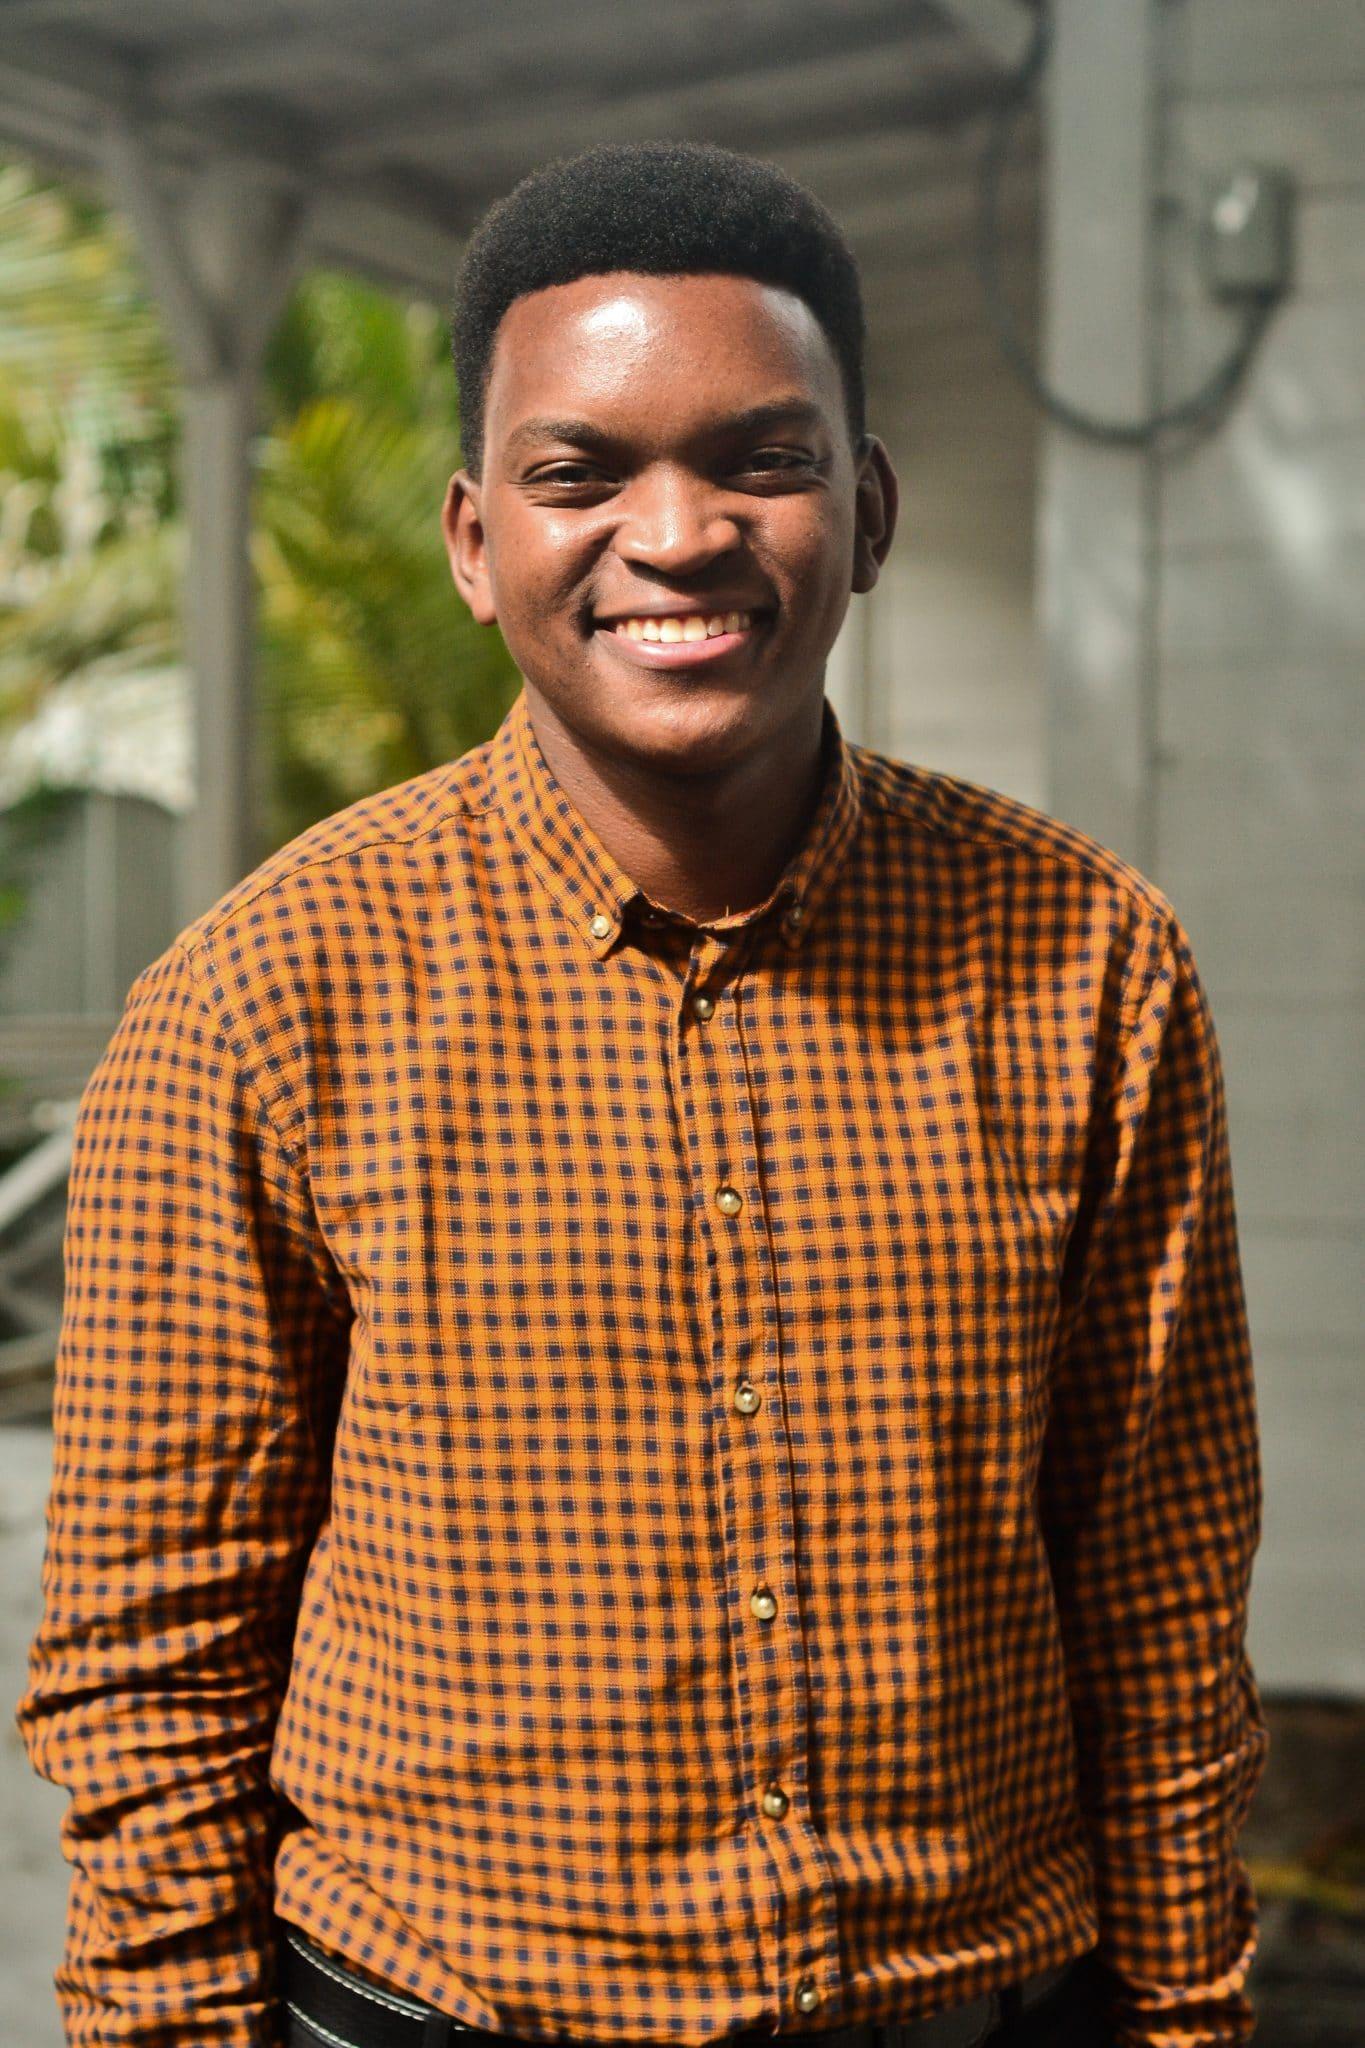 Joseph Rutakangwa Rwazi